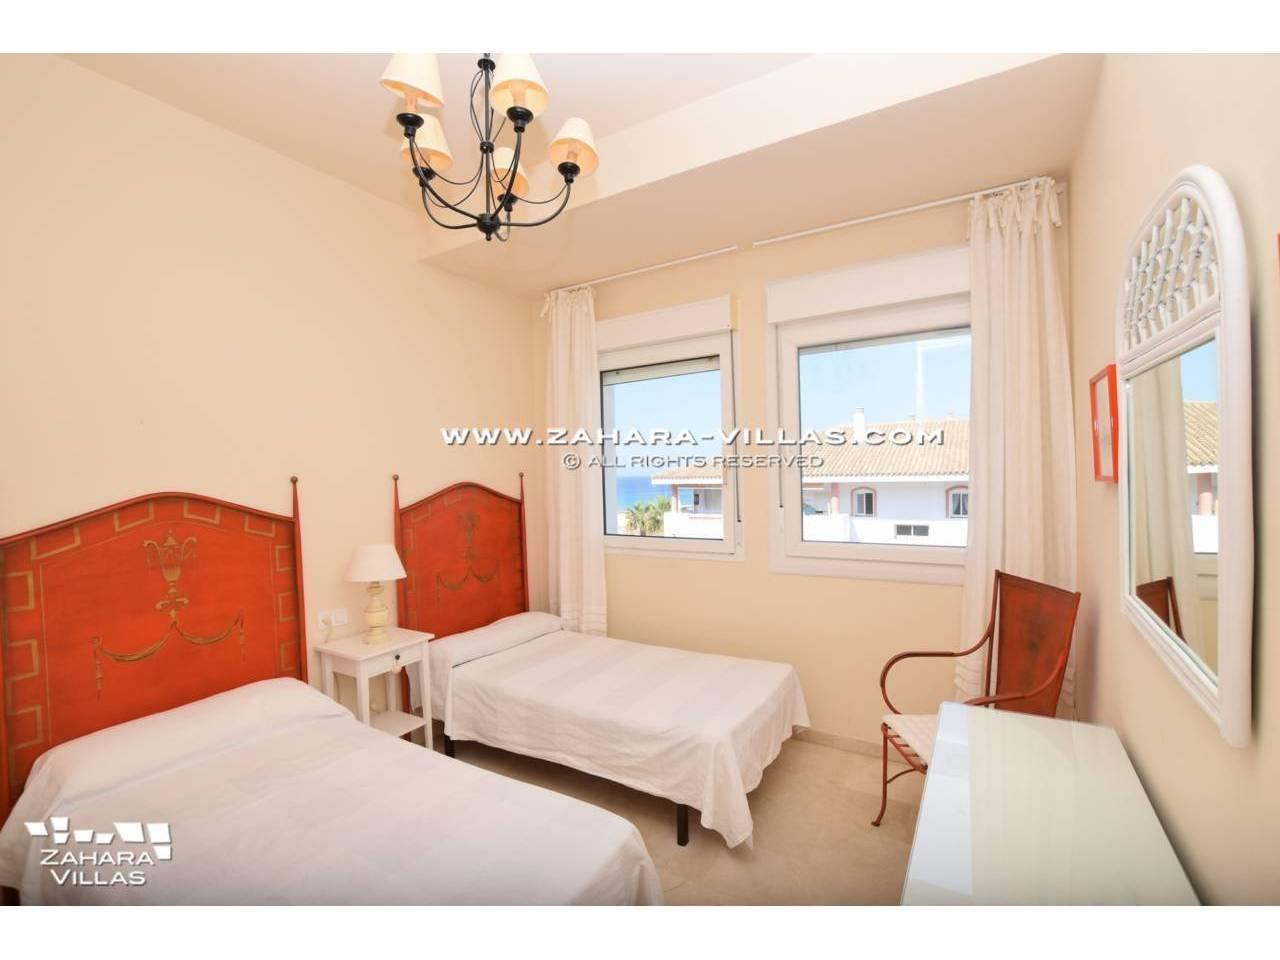 Imagen 14 de Duplex zu verkaufen in Urb. Costa Zahara